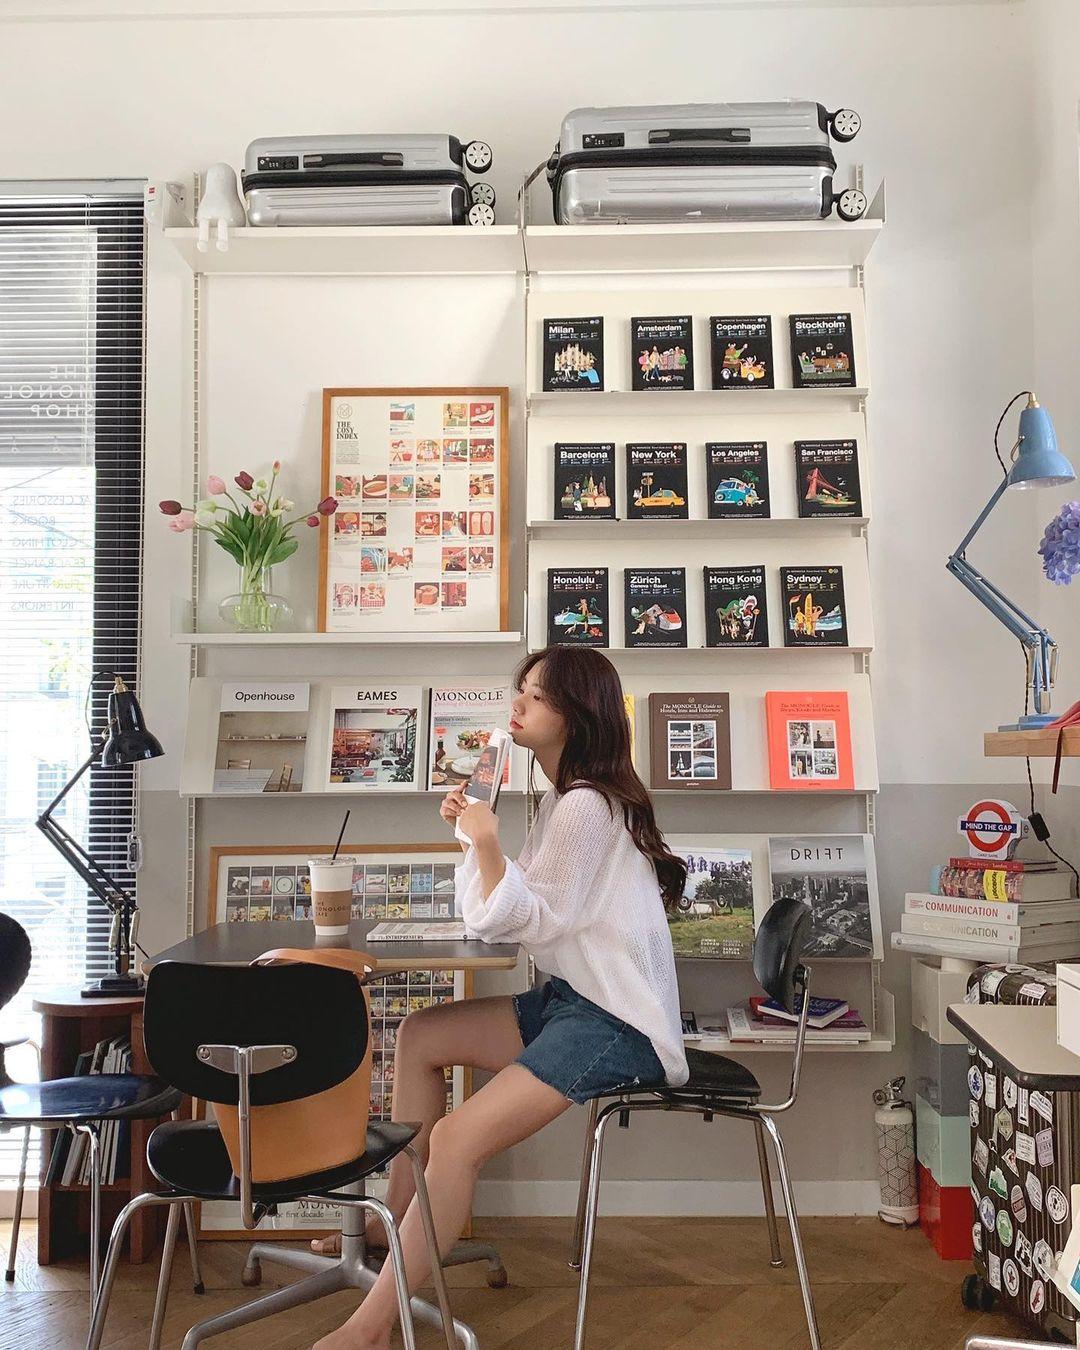 Mùa hè nóng nực, chị em nào muốn mặc quần short mà xinh như gái Hàn thì bơi vào đây! - Ảnh 6.